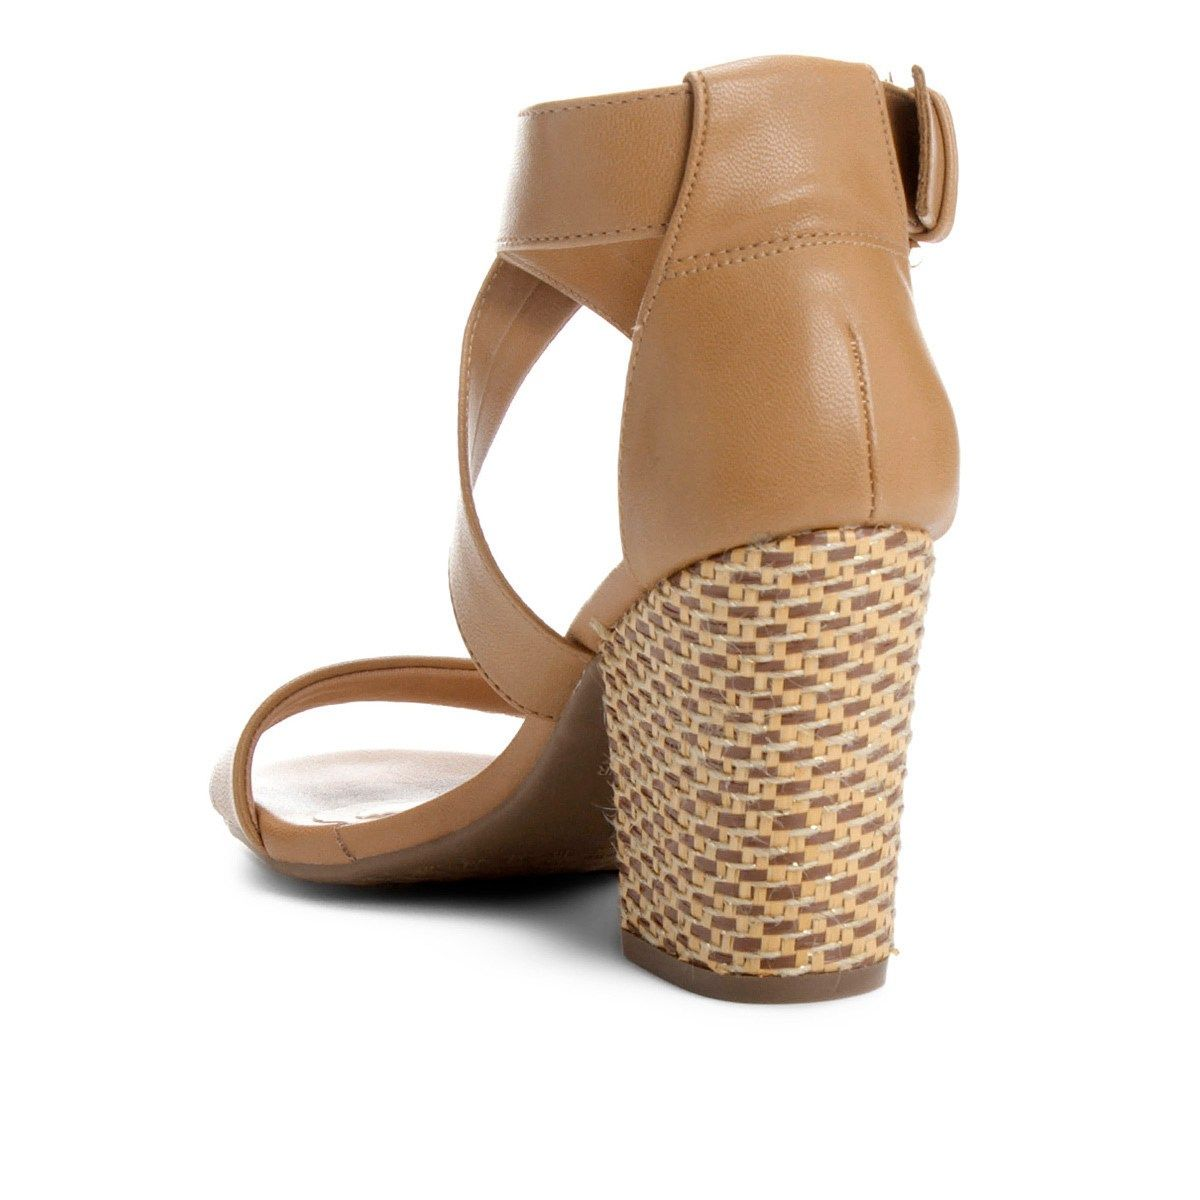 179894ad1 Compre Sandália Ramarim Salto Grosso Multi Tiras Feminina - Caramelo e  muito mais em roupas